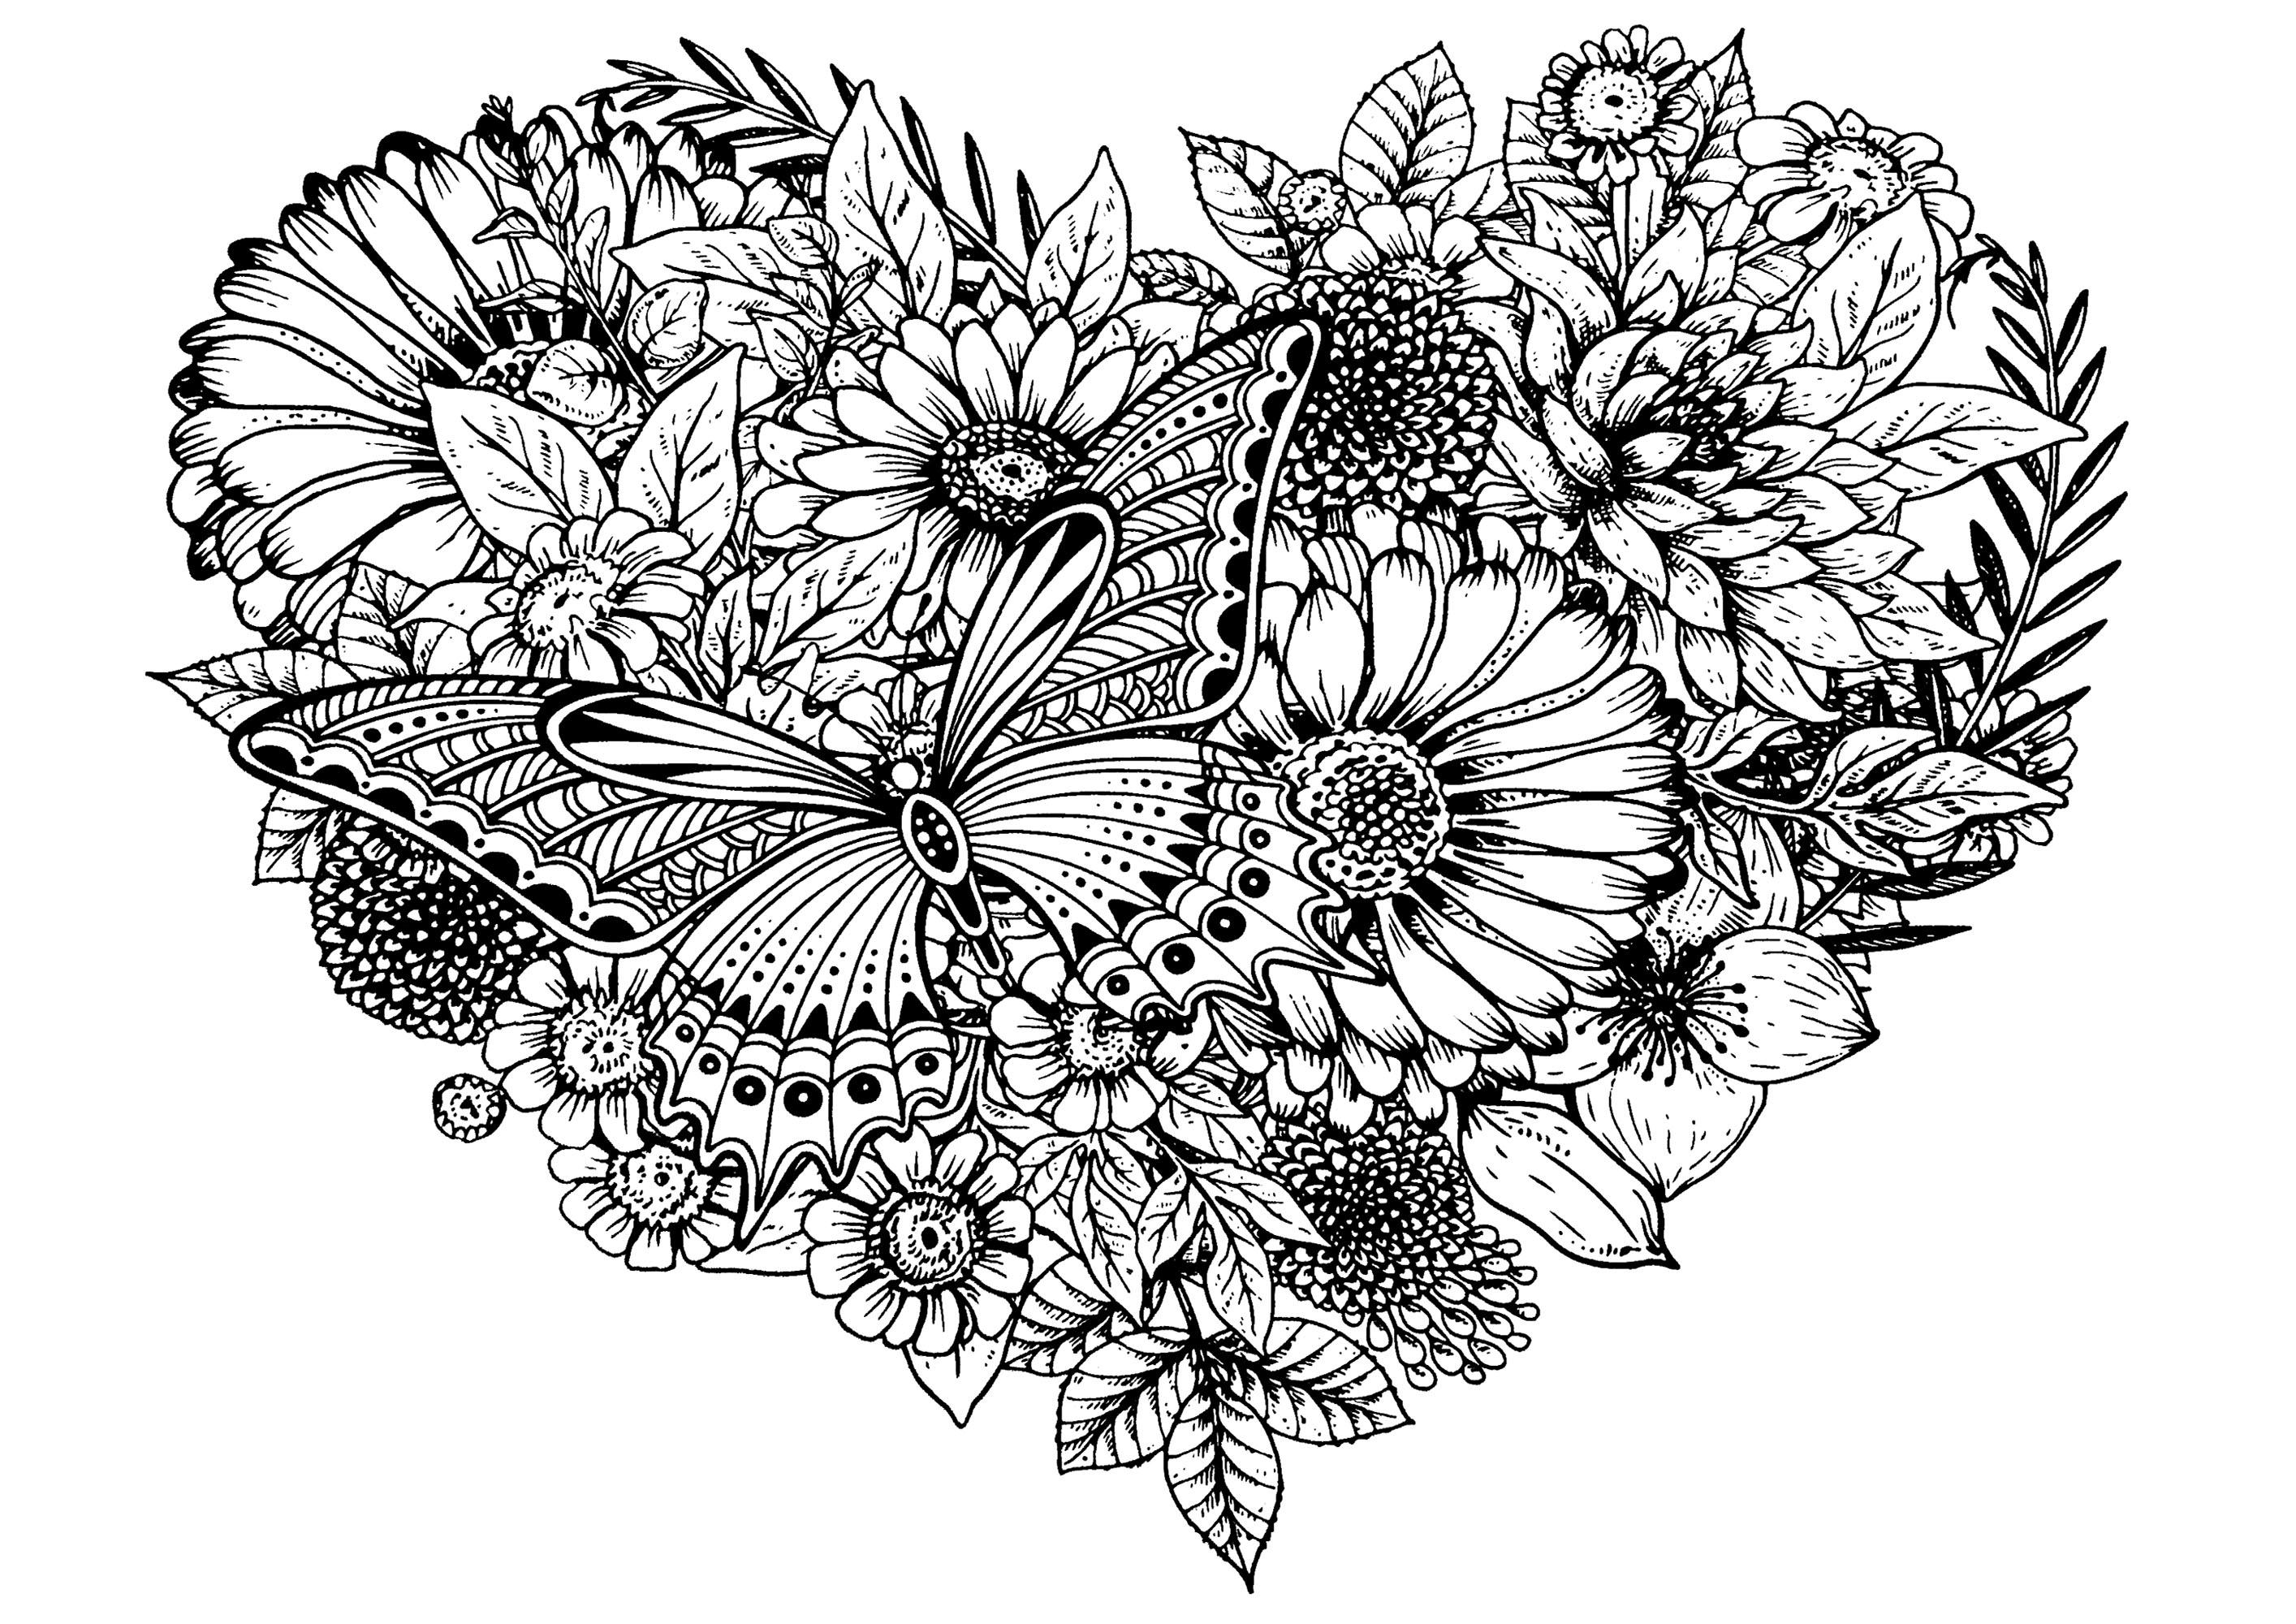 Dans ce coeur vous devrez colorier des fleurs, des feuilles et un magnifique papillon